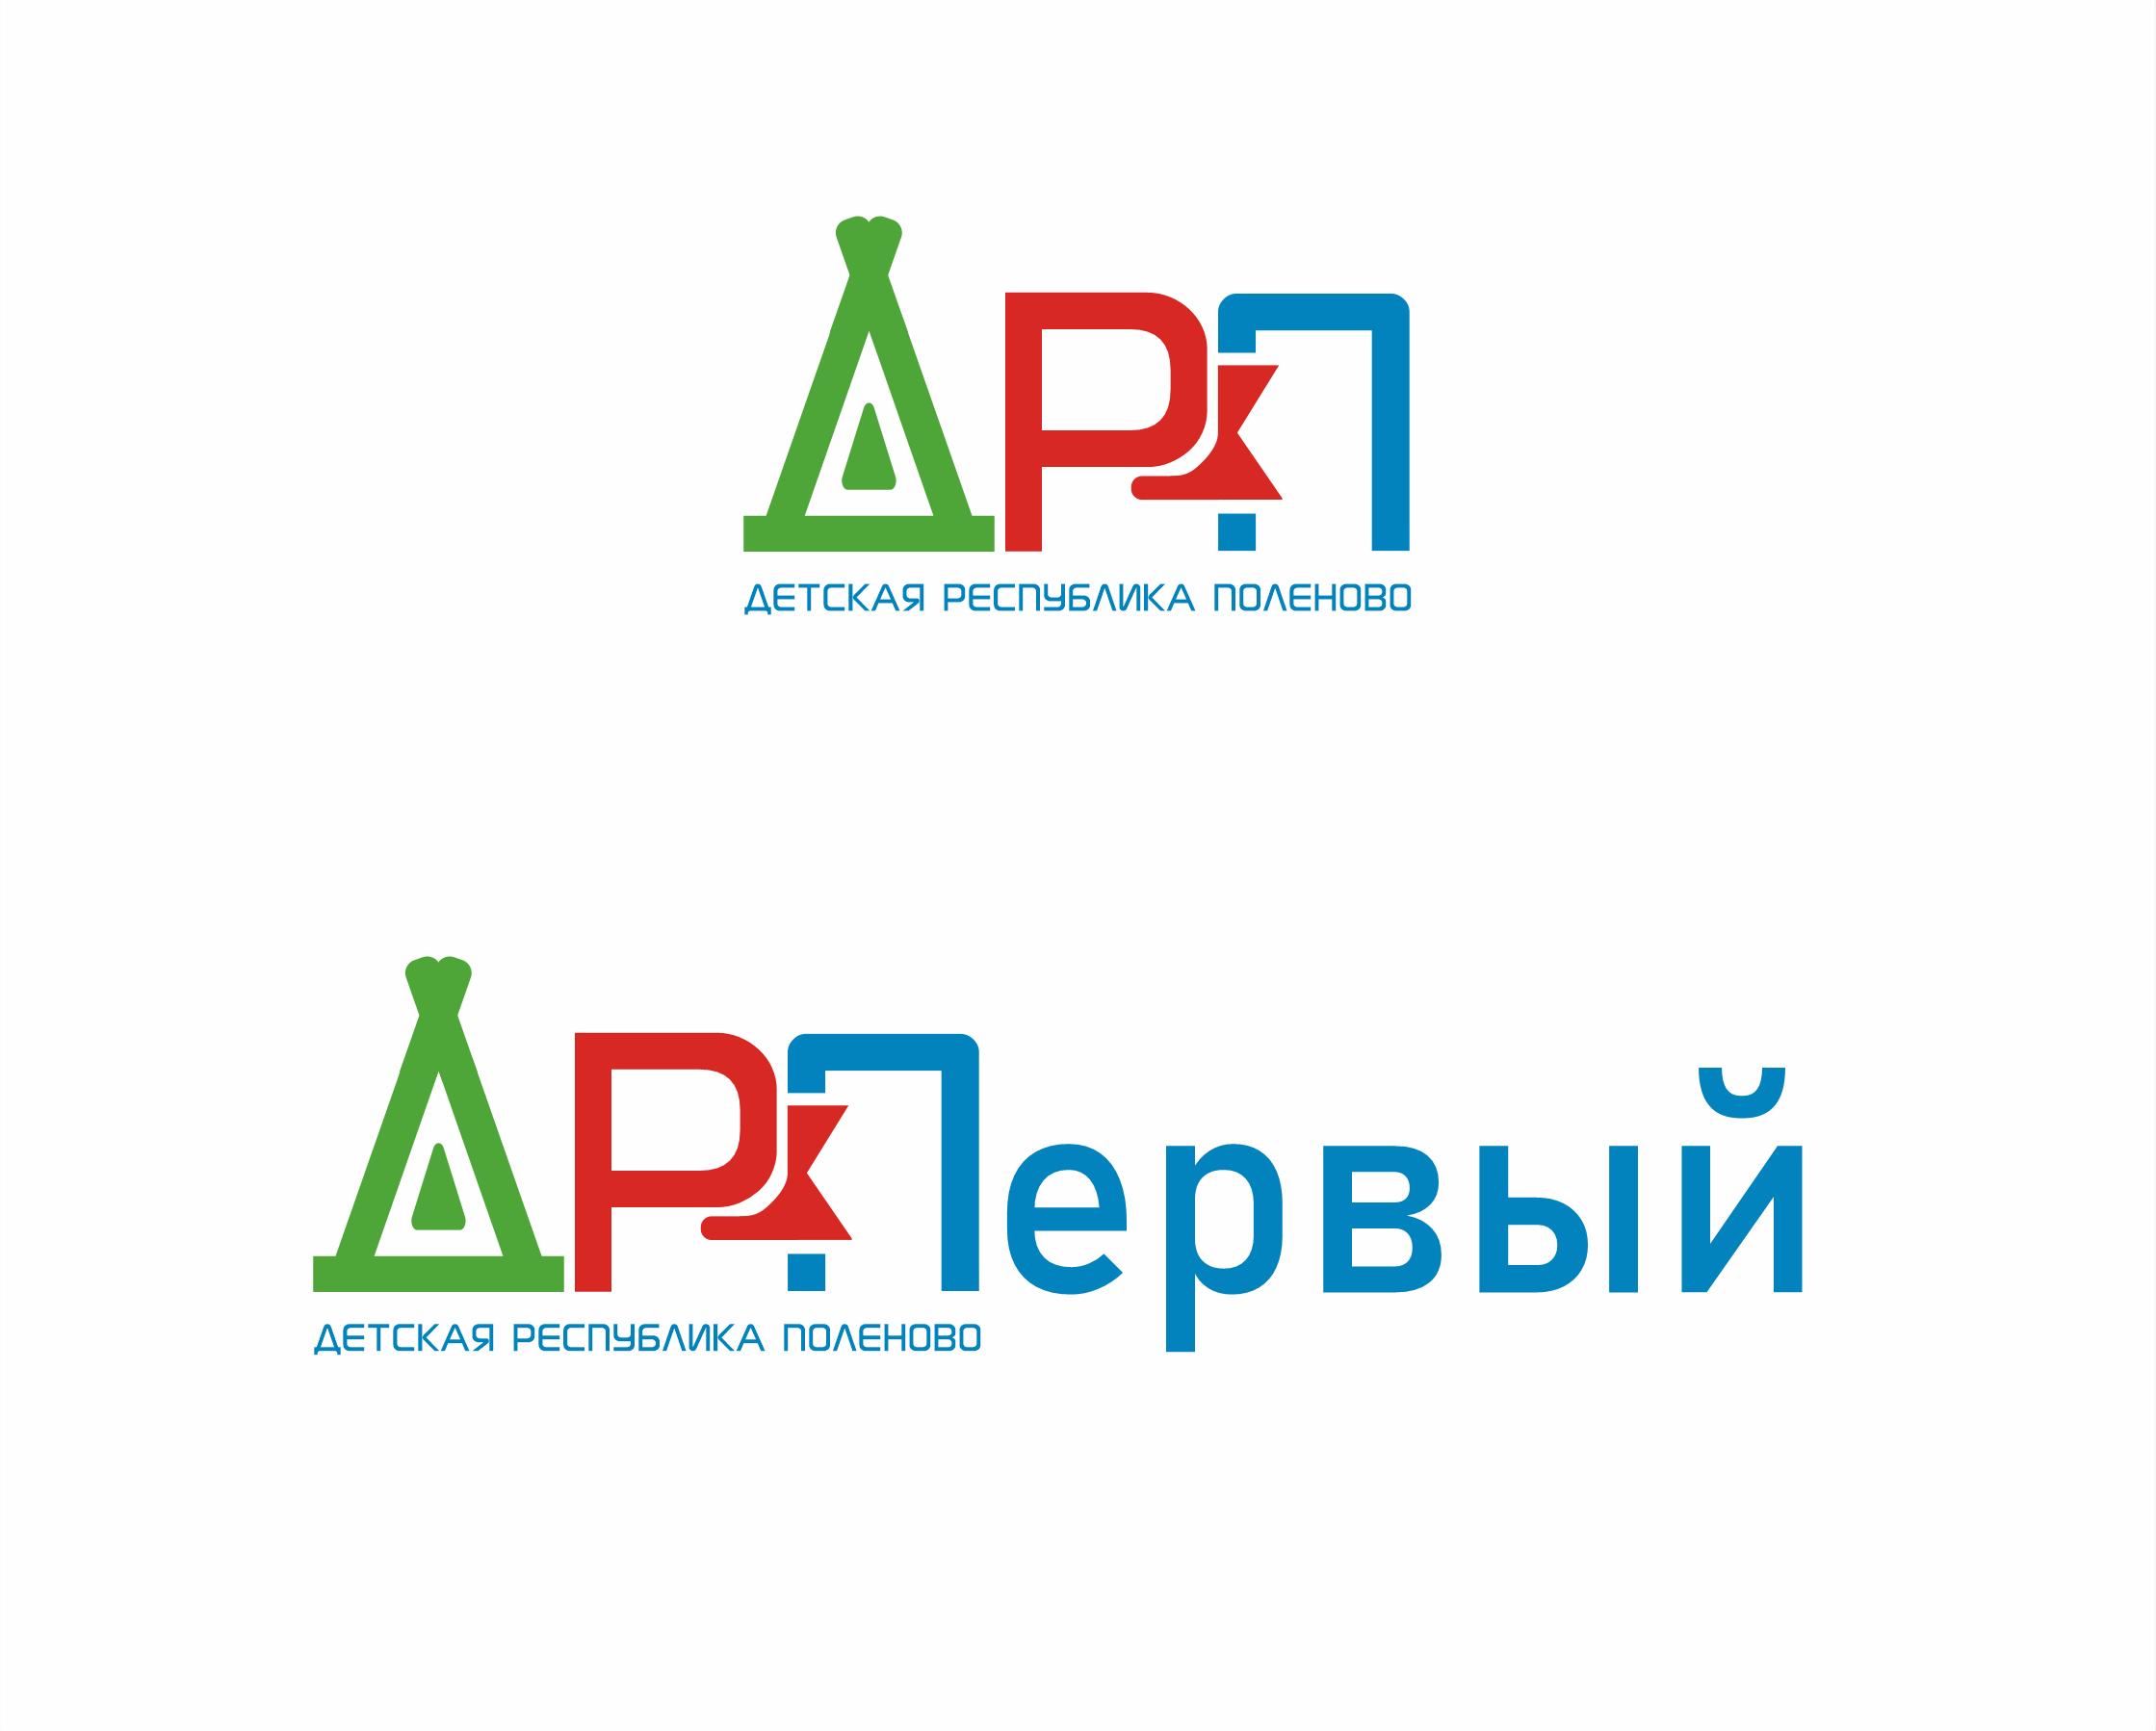 Логотип/шрифт для Детского оздоровительного лагеря фото f_0765de5ffc99747b.png